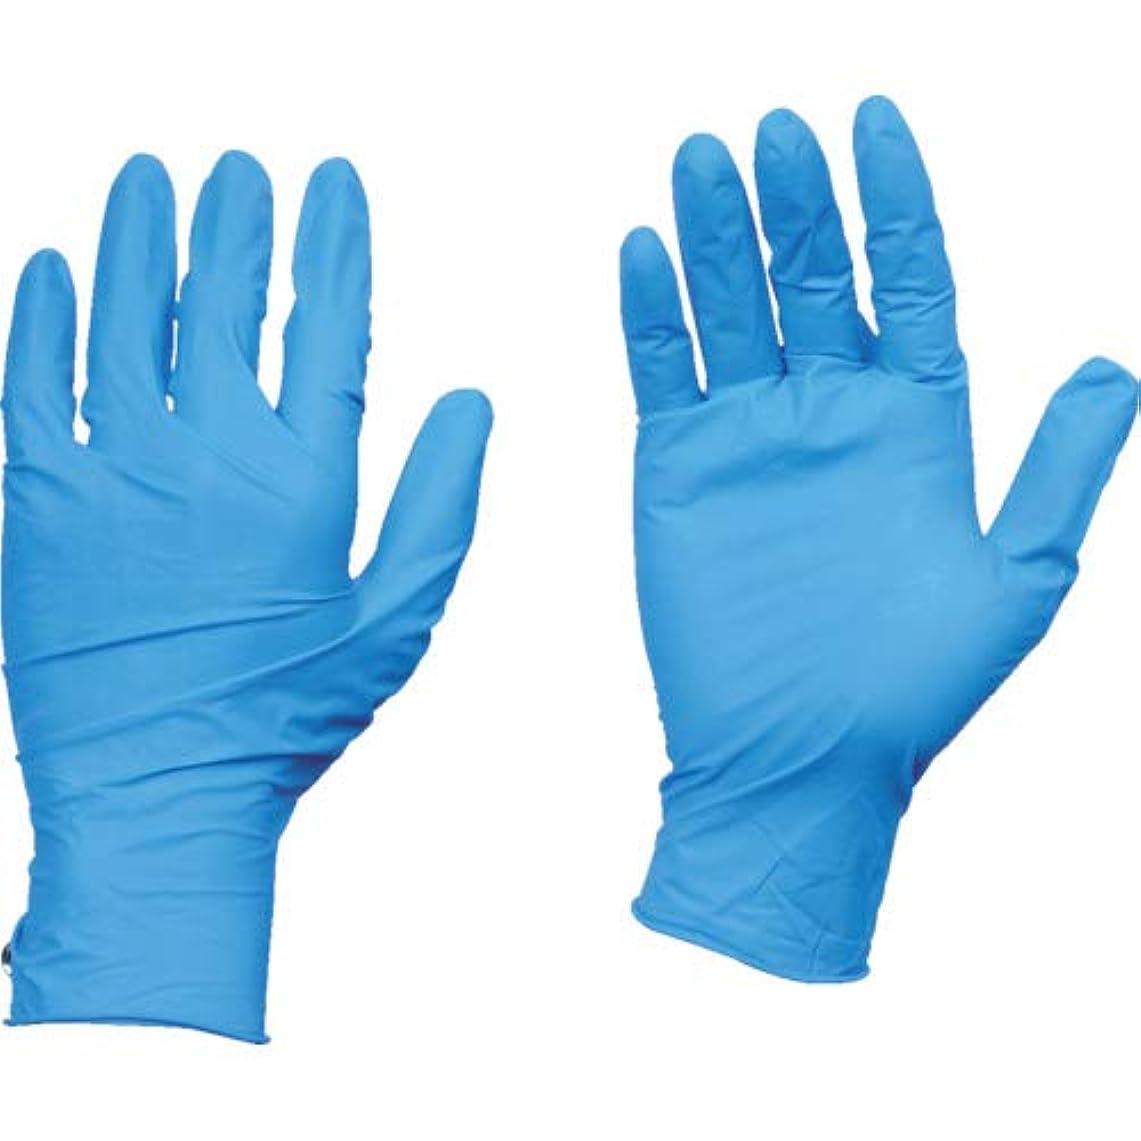 呼吸地上の市民TRUSCO(トラスコ) 10箱入り 使い捨て天然ゴム手袋TGワーク 0.10 粉付青L TGPL10BL10C